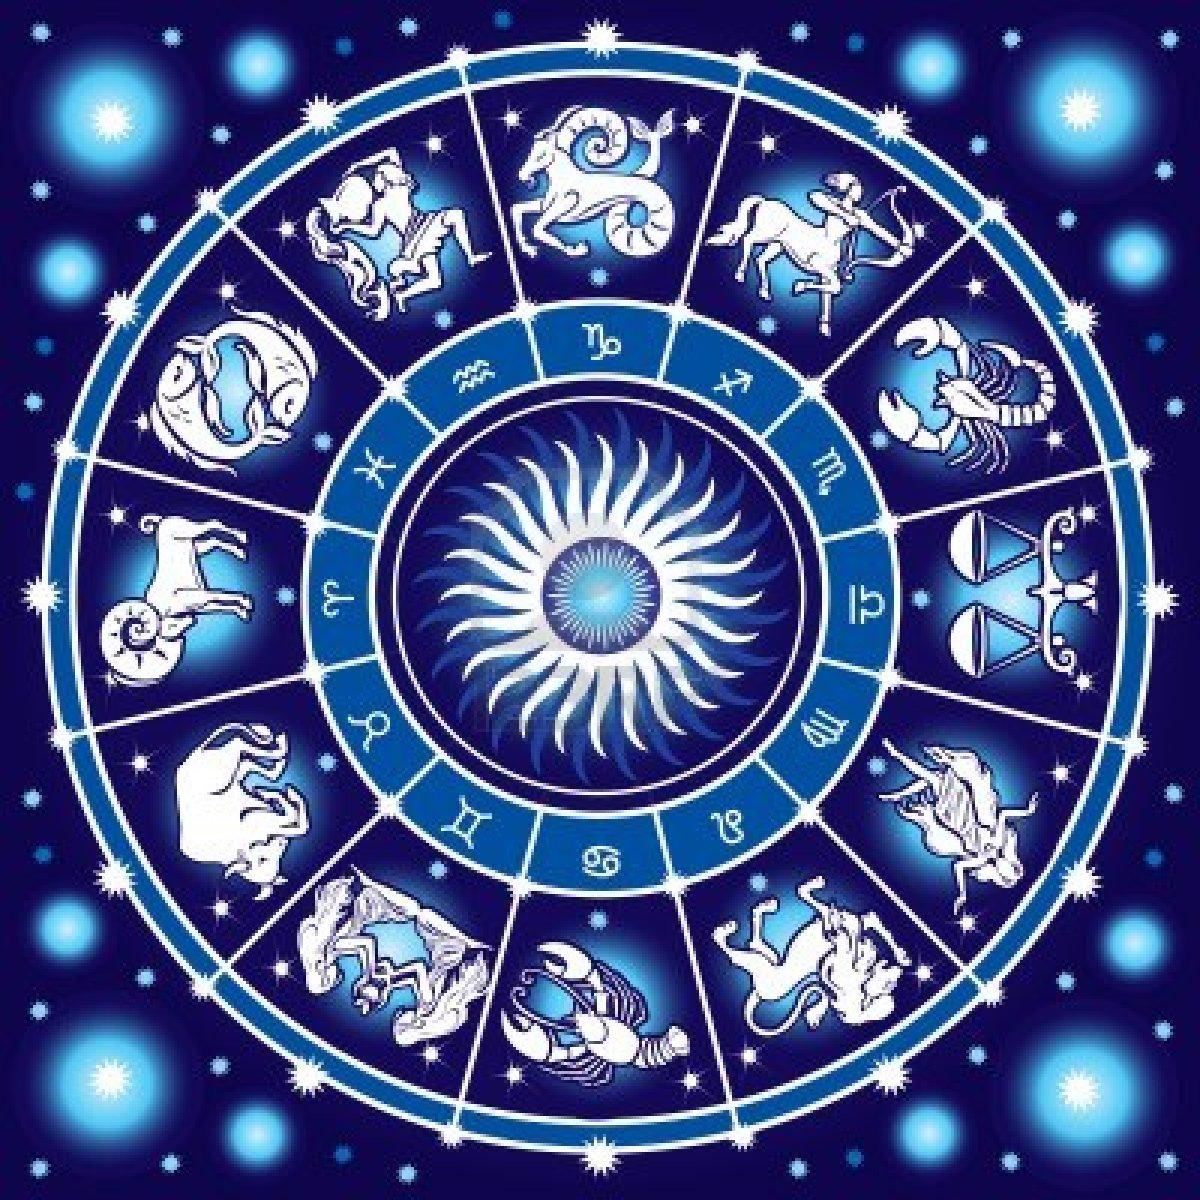 vacanza ideale per il segno zodiacale del leone